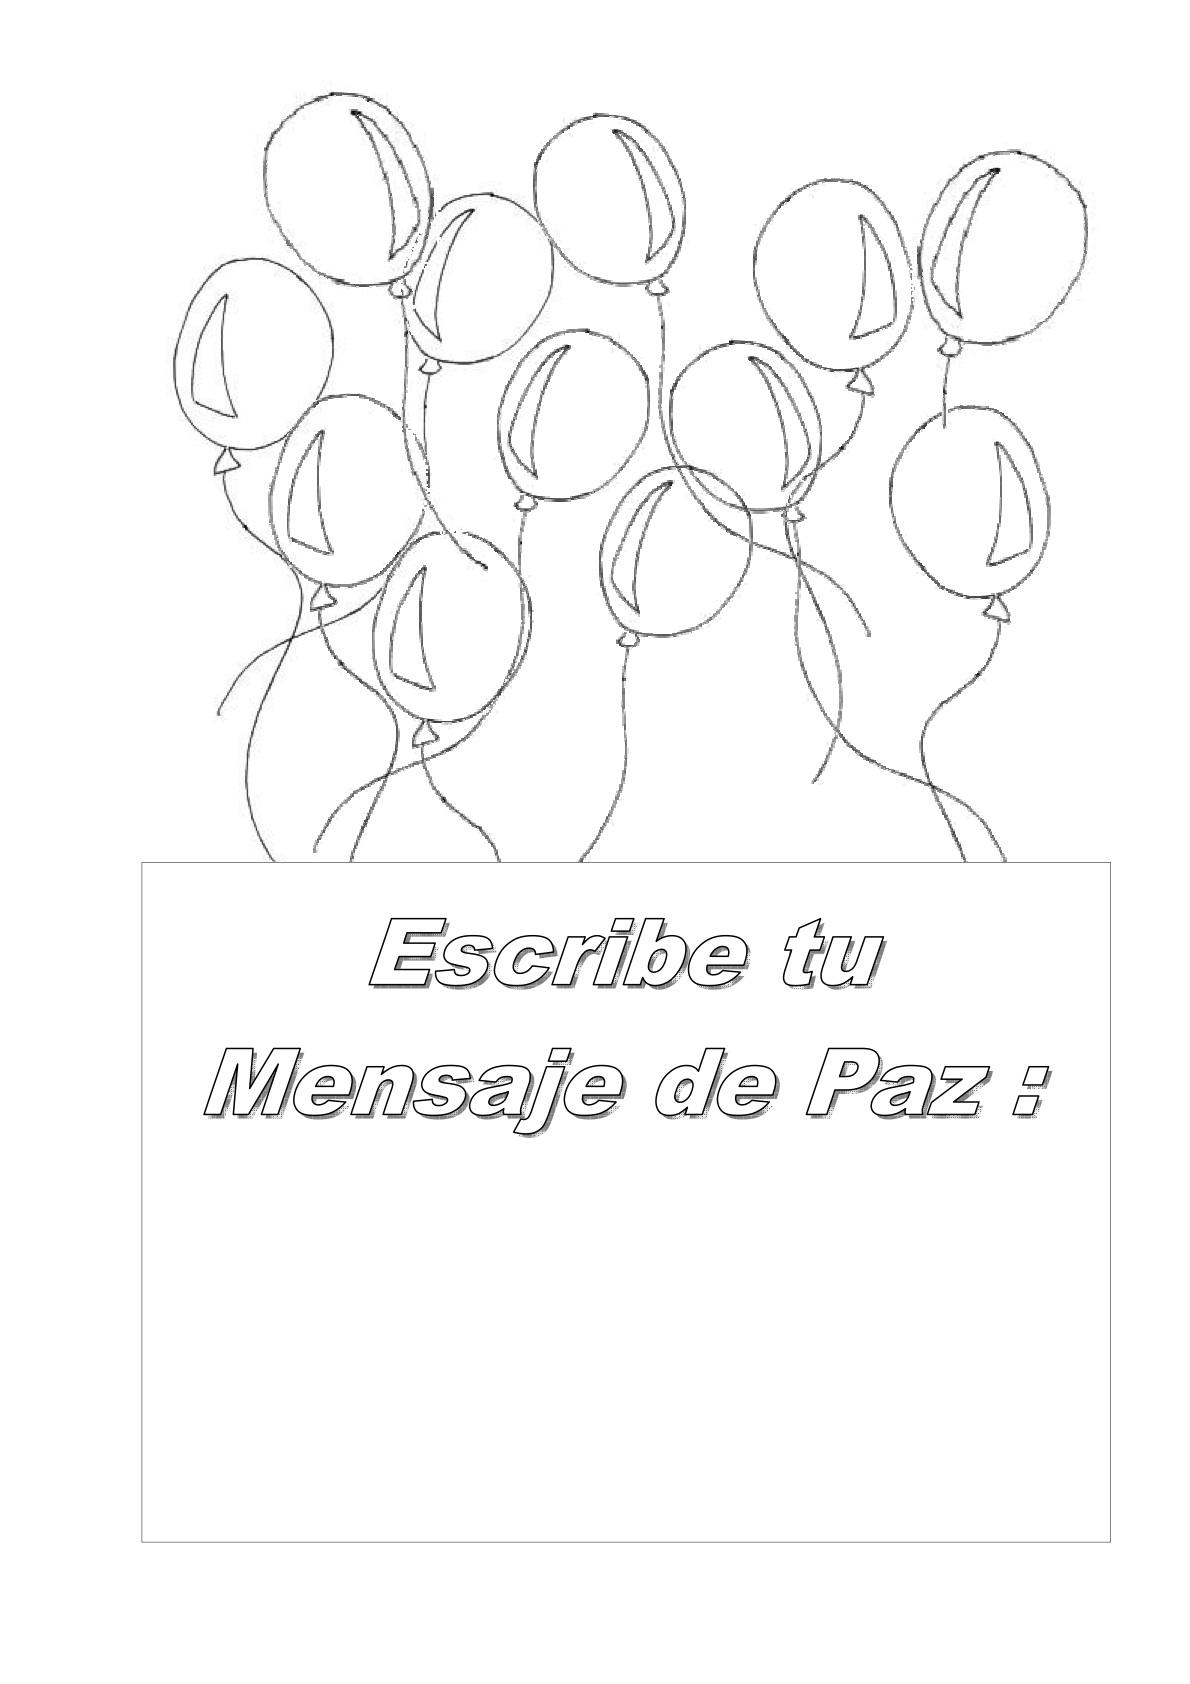 Pace 2 disegni per bambini da colorare for Immagini da stampare di miraculous